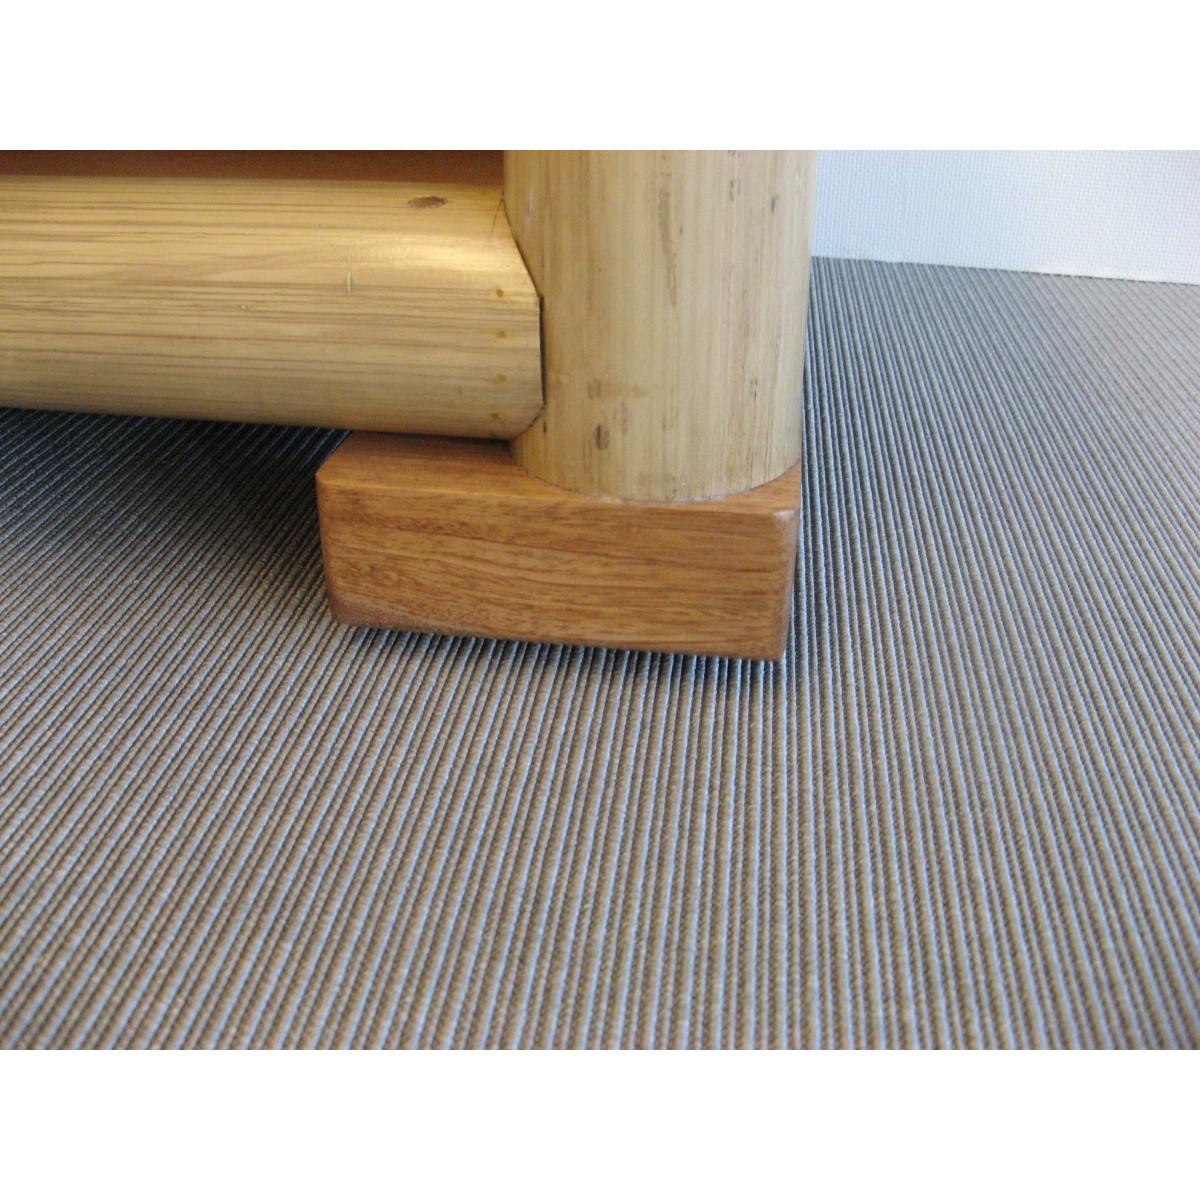 Chevet en bambou - Table de chevet en bambou ...